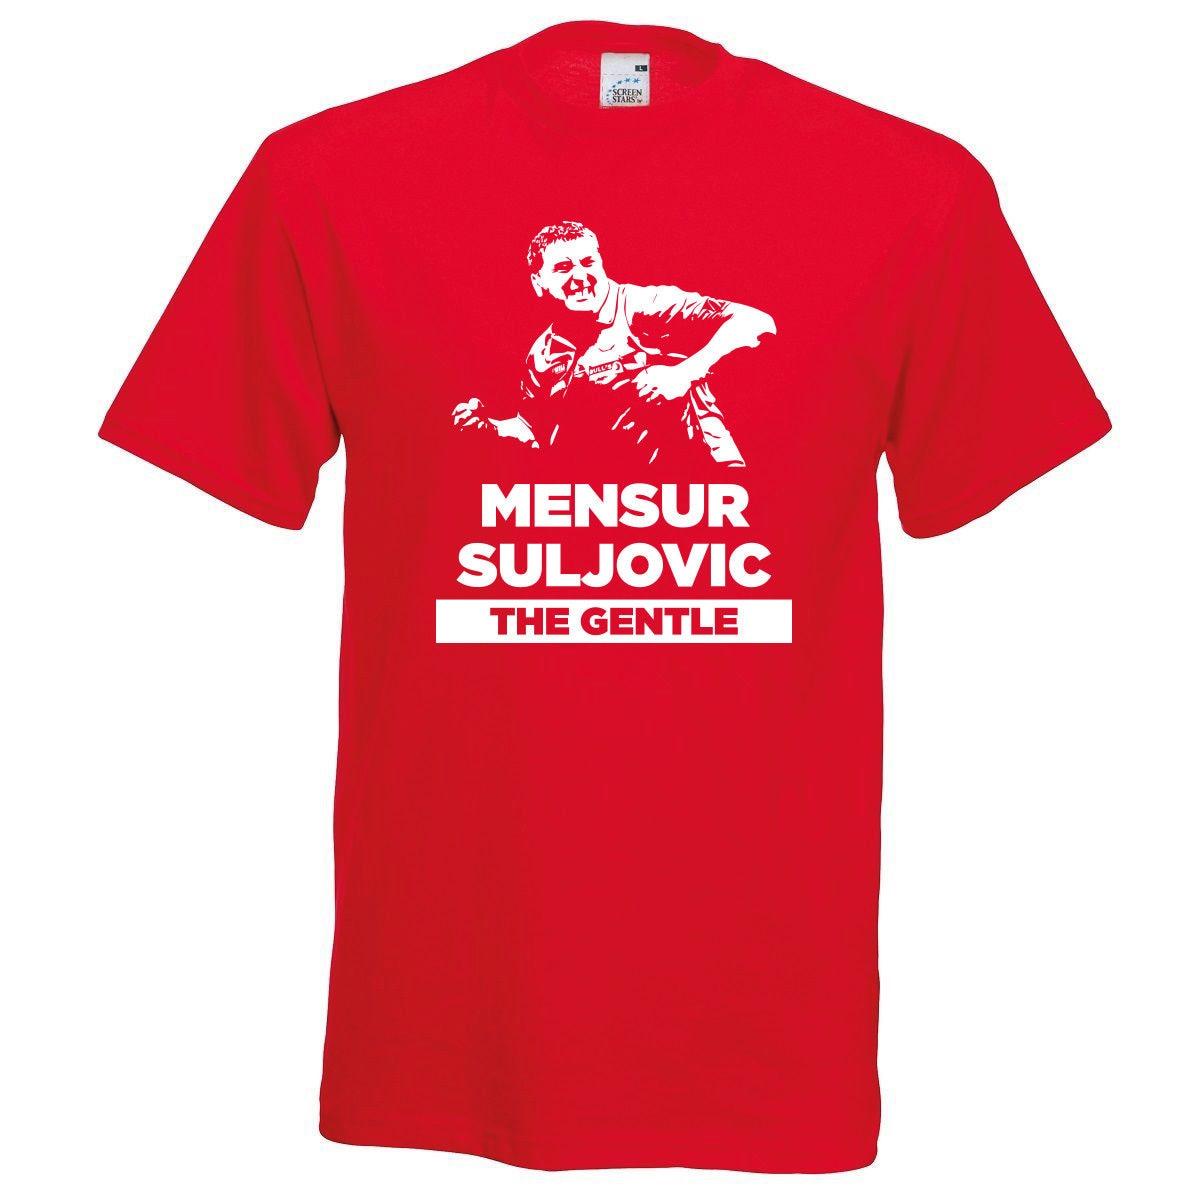 Mensur Suljovic The Gentle Darts Red T-Shirt Unisex S-XL Premier League 2018